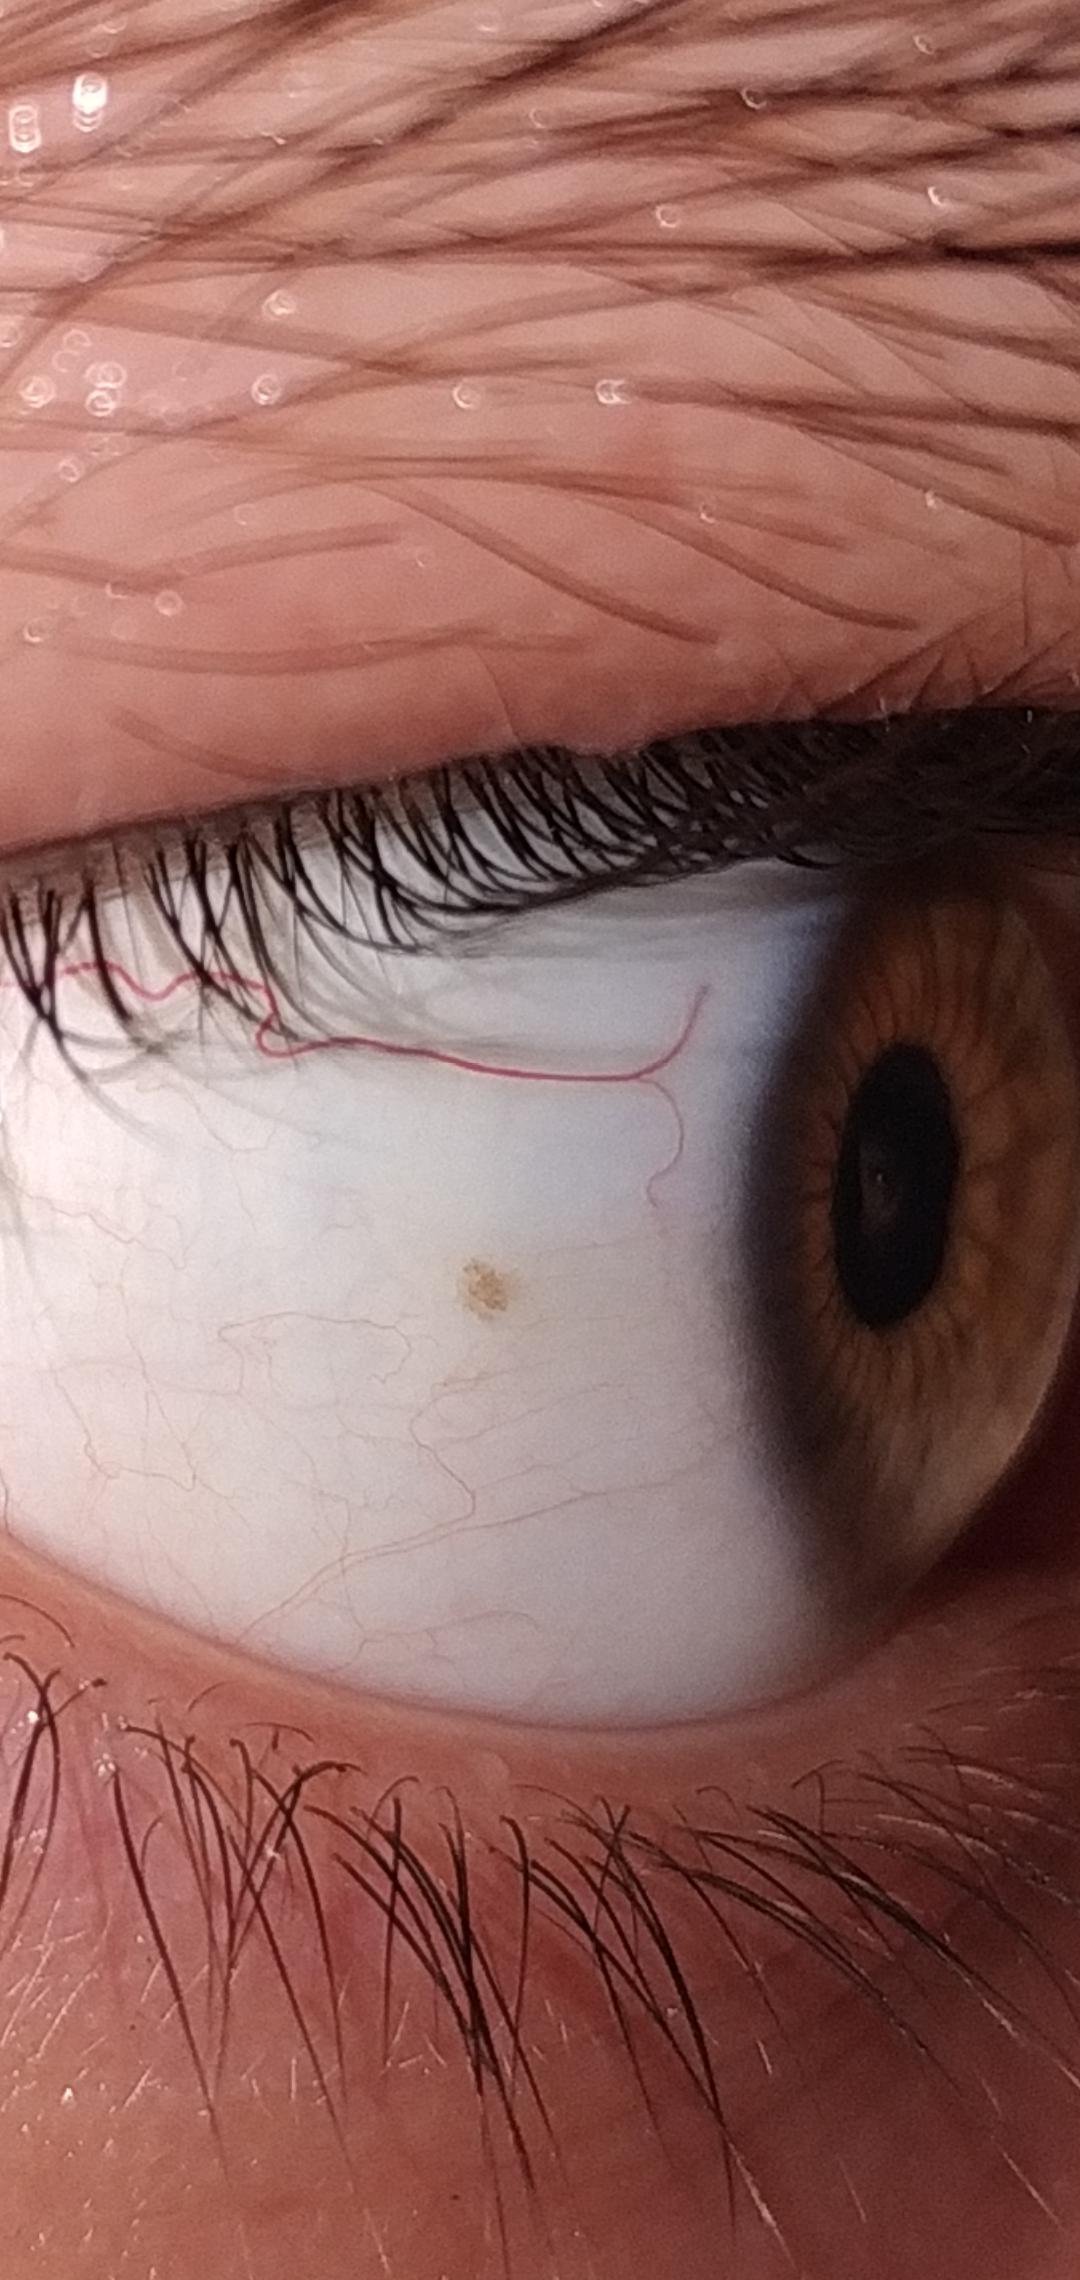 Черная точка в глазу передвигается вместе с взглядом – что это